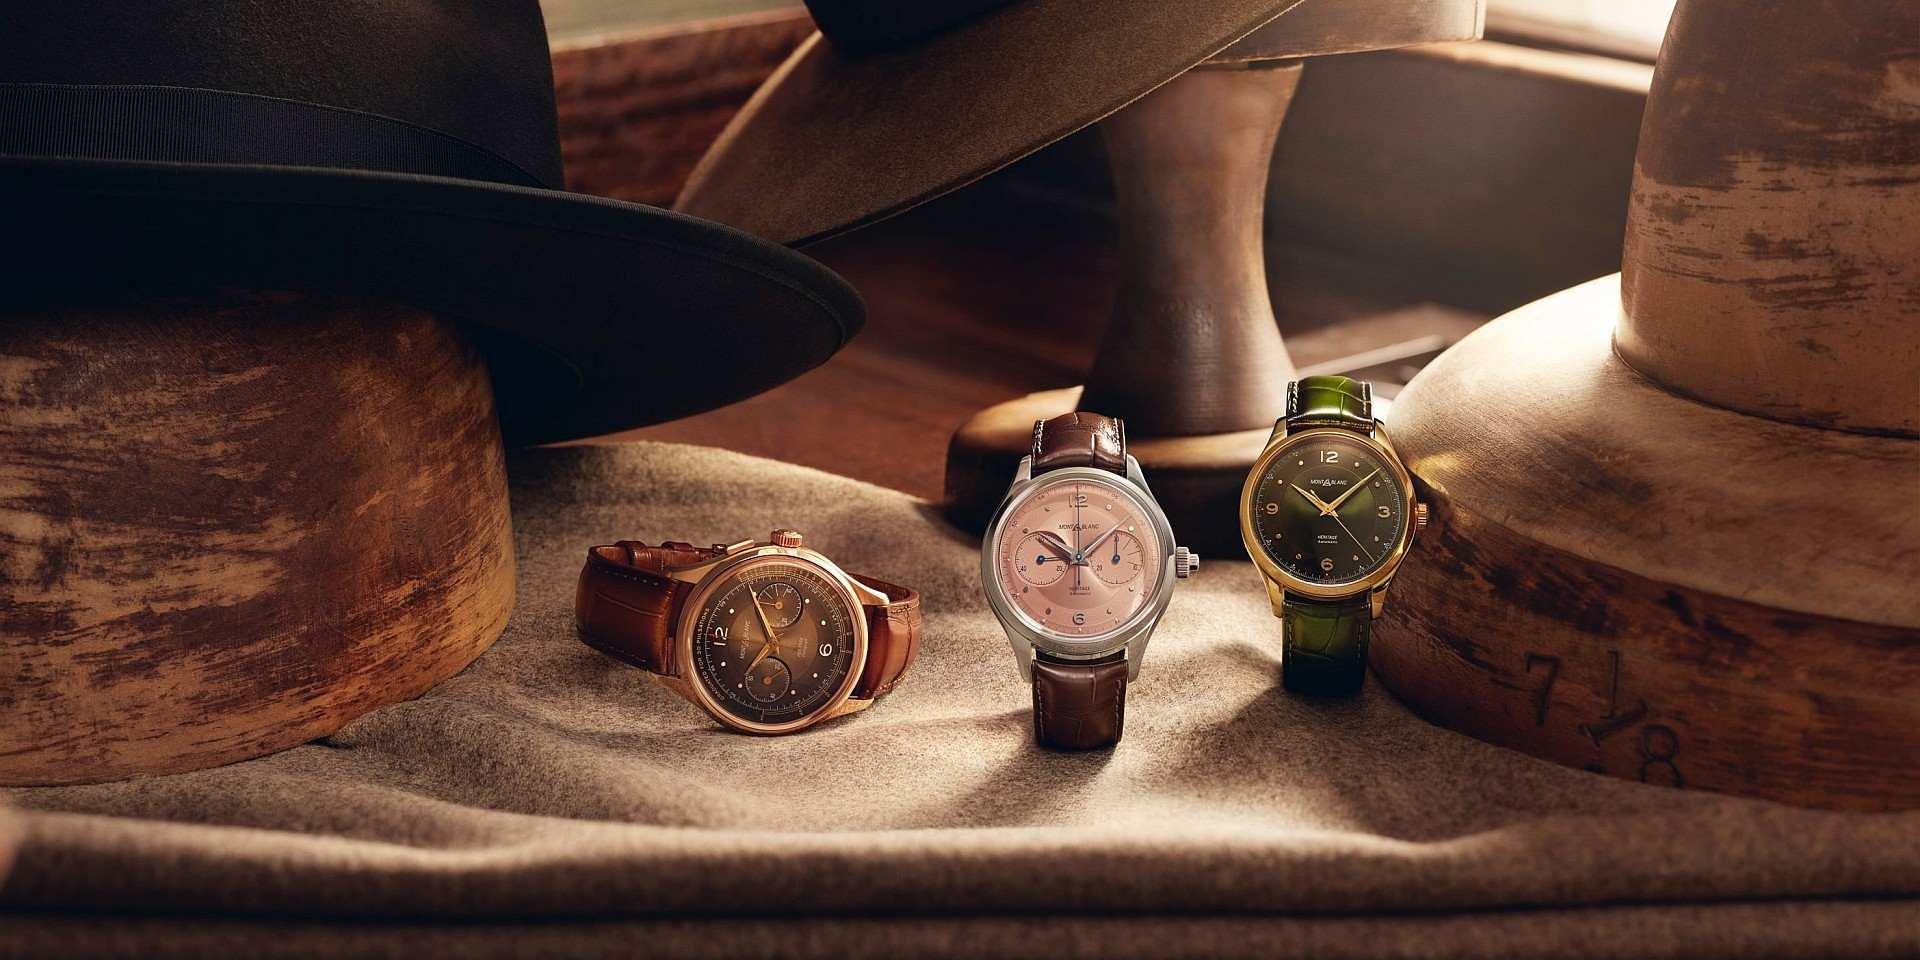 【2020線上錶展】復古美學魅力獨具:全新萬寶龍傳承系列三款新作,靈感源自40、50年代Minerva經典腕錶和neo-dandy風格